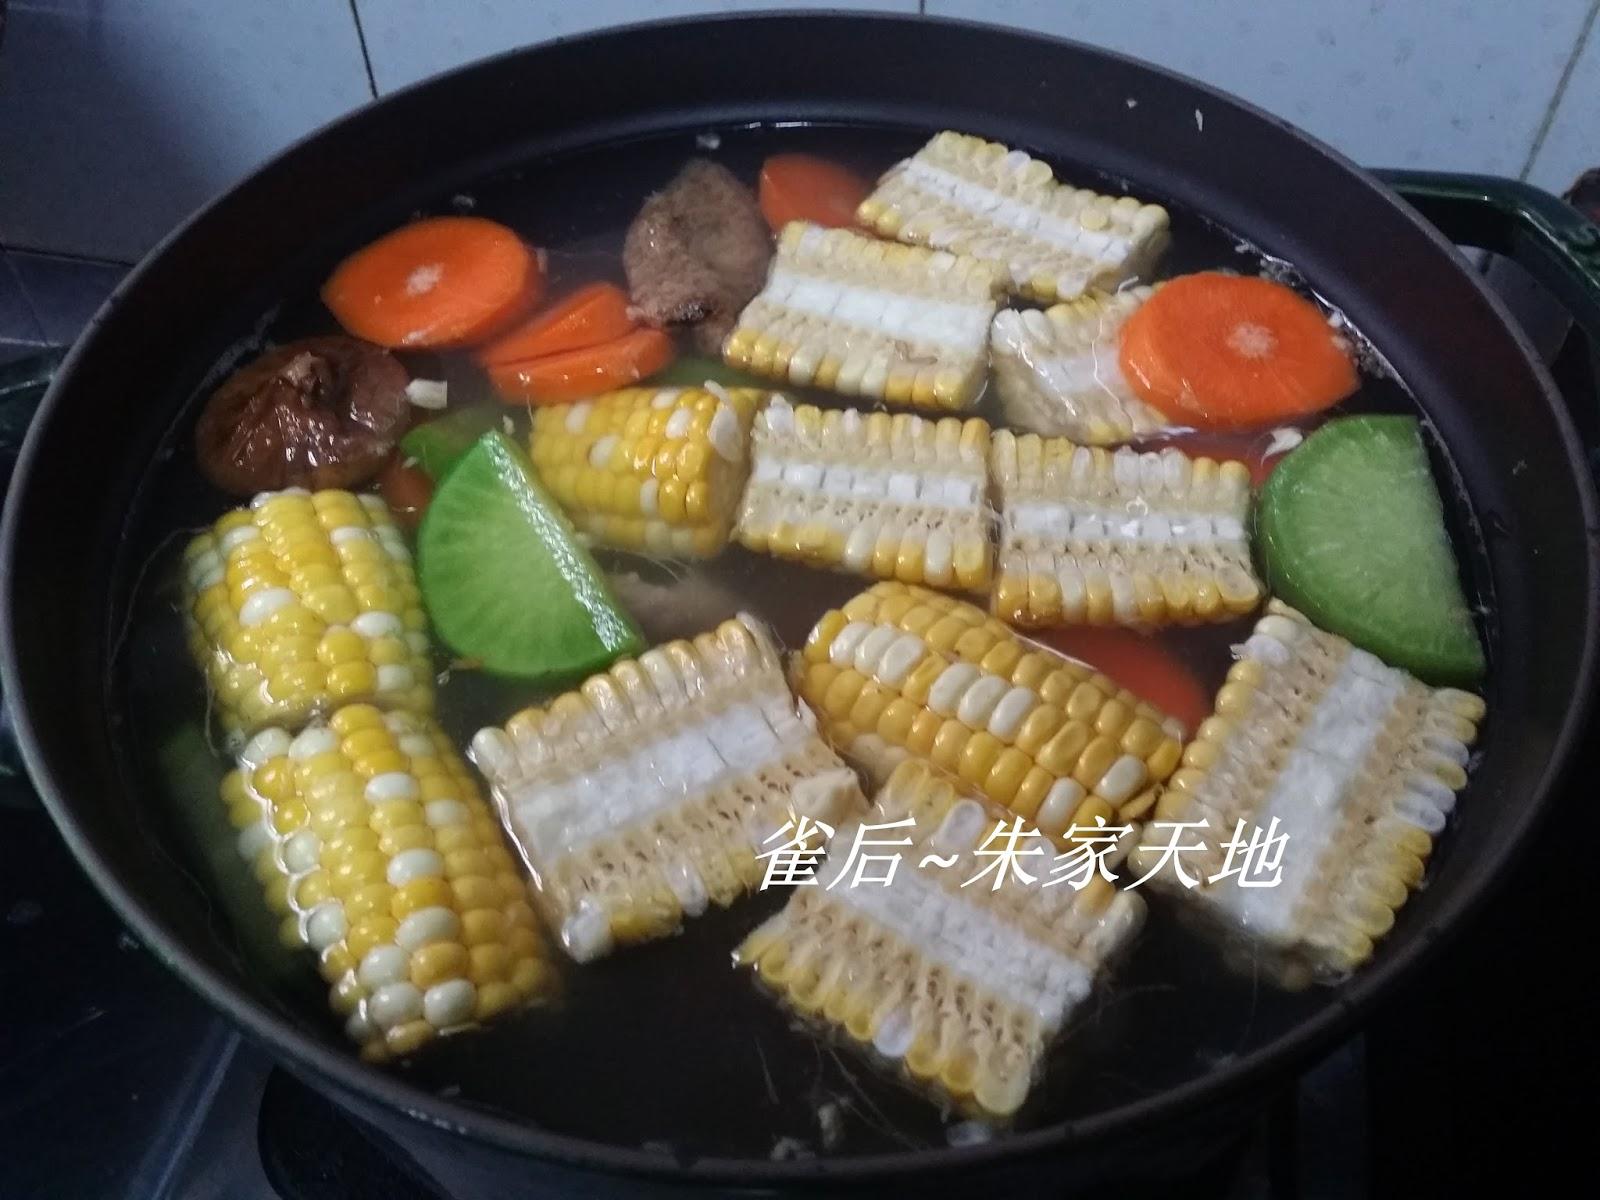 青紅蘿蔔粟米無花果南北杏陳皮豬展湯